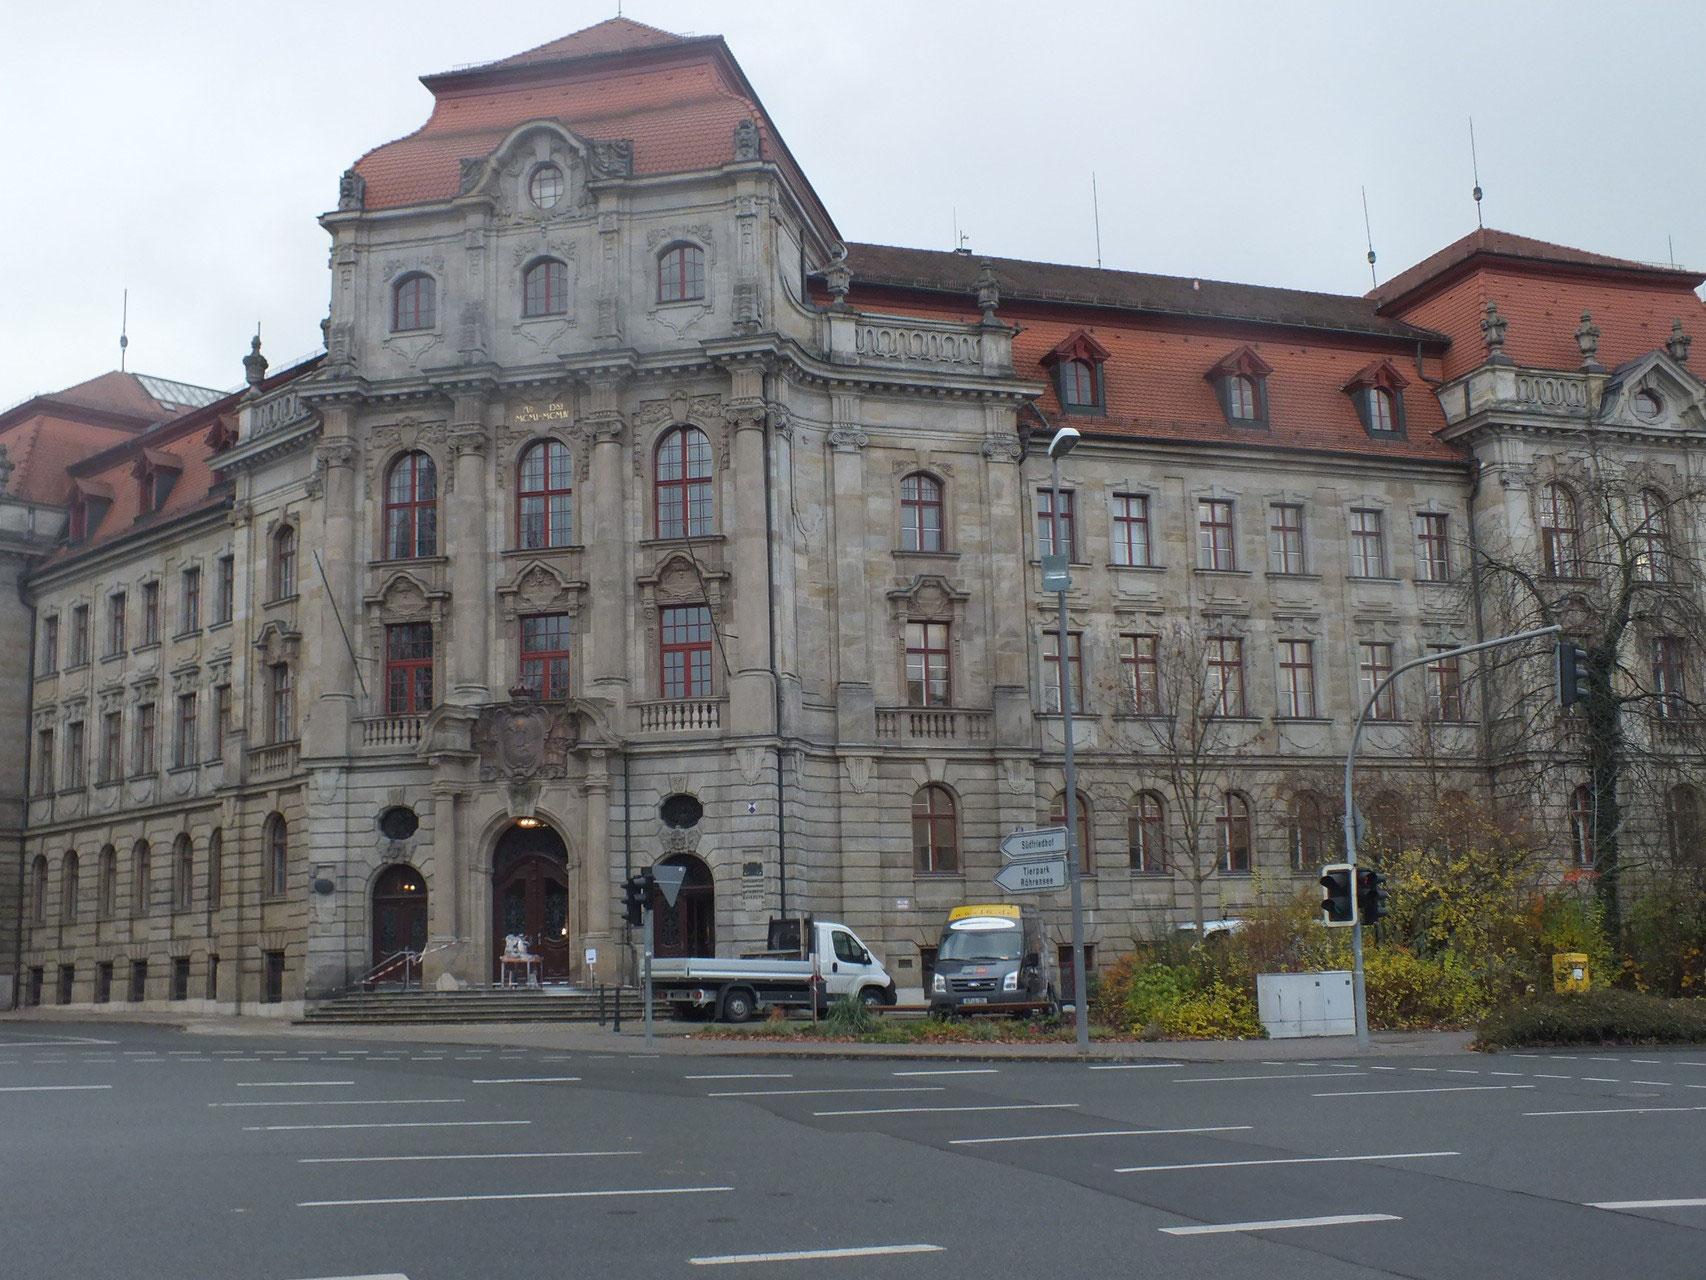 Amtsgericht Köln Reichenspergerplatz